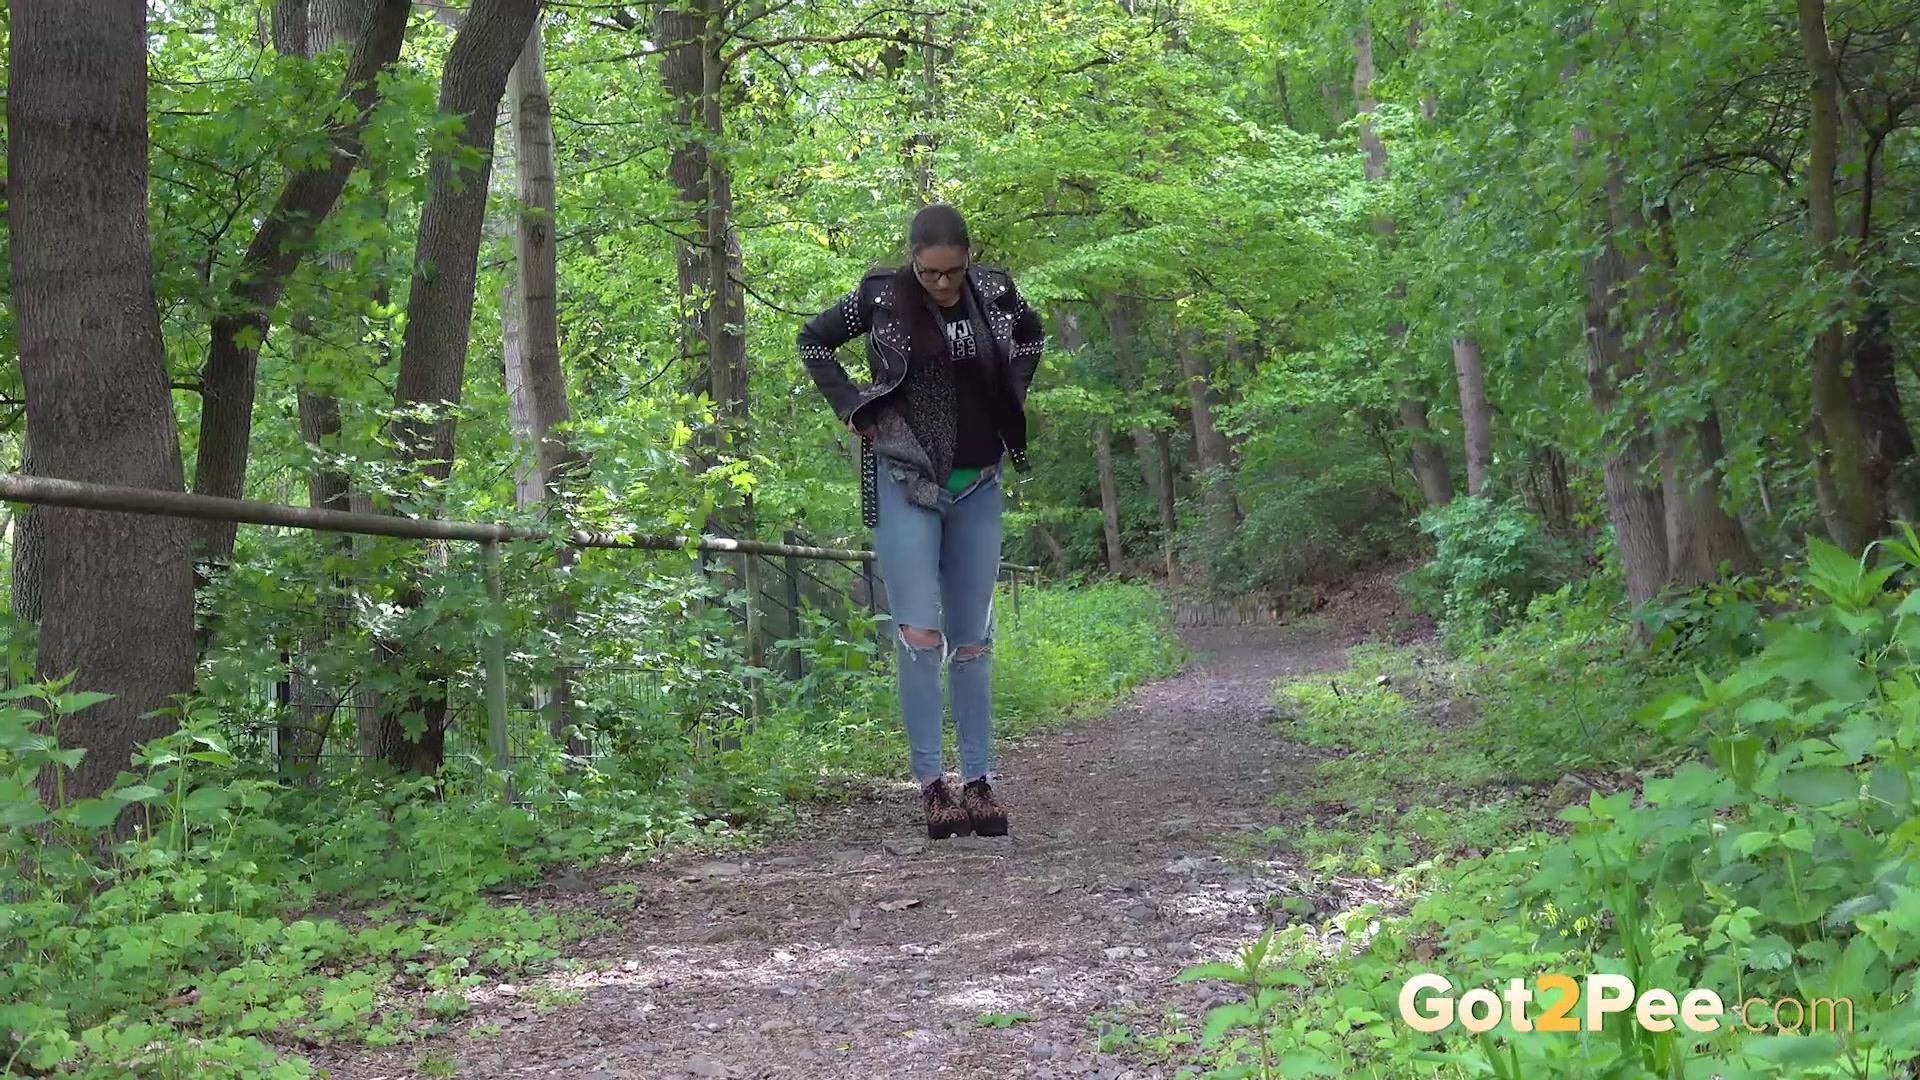 Desperate-In-The-Woods_1080P 00002